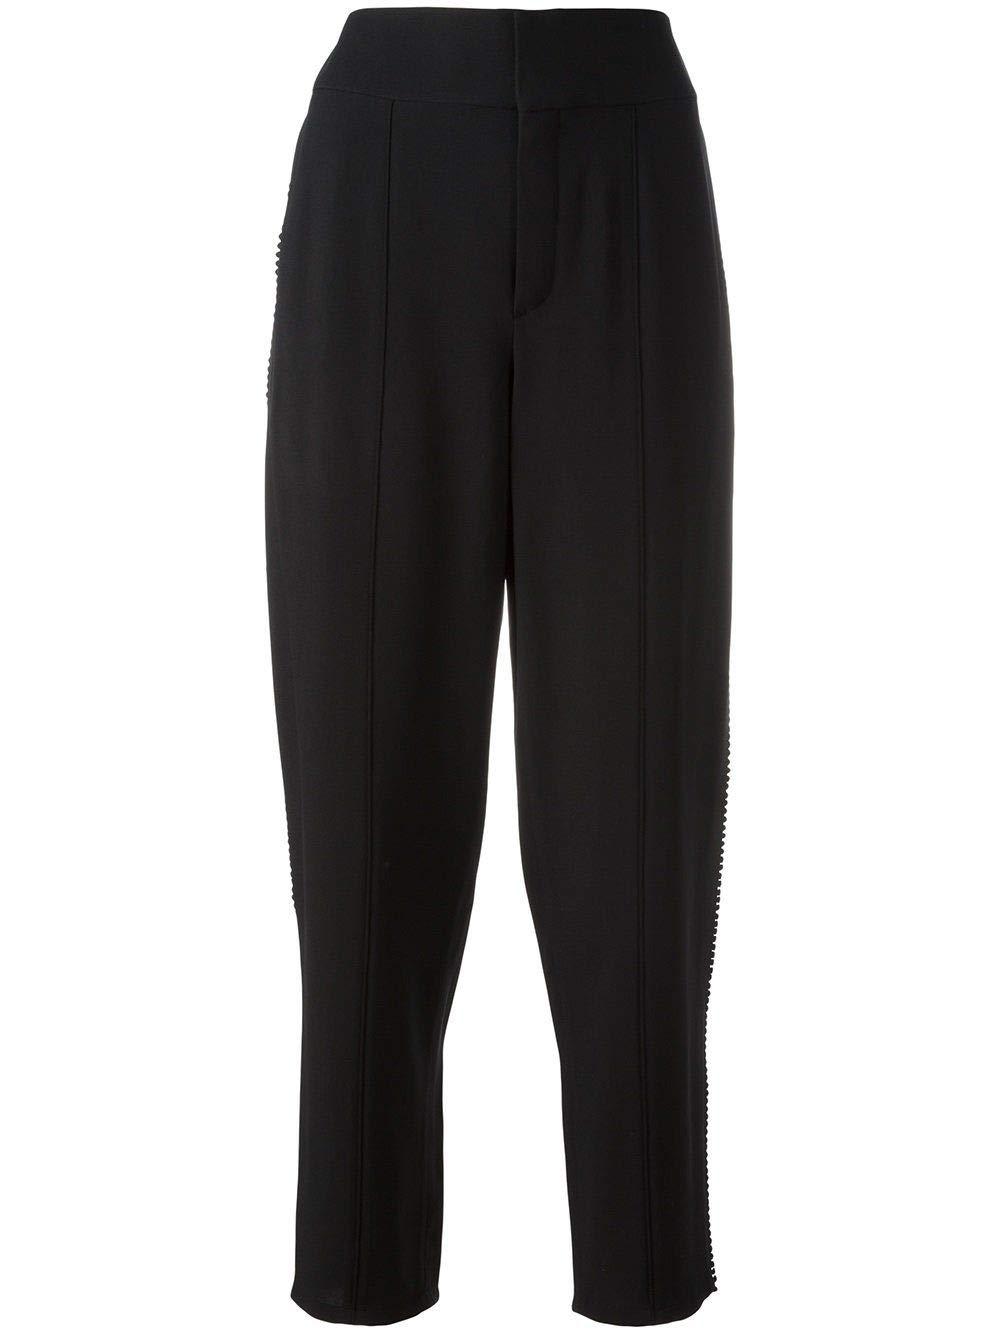 Brand Size 38 CHLOÉ Women's 17SPA5517S237001 Black Acetate Pants